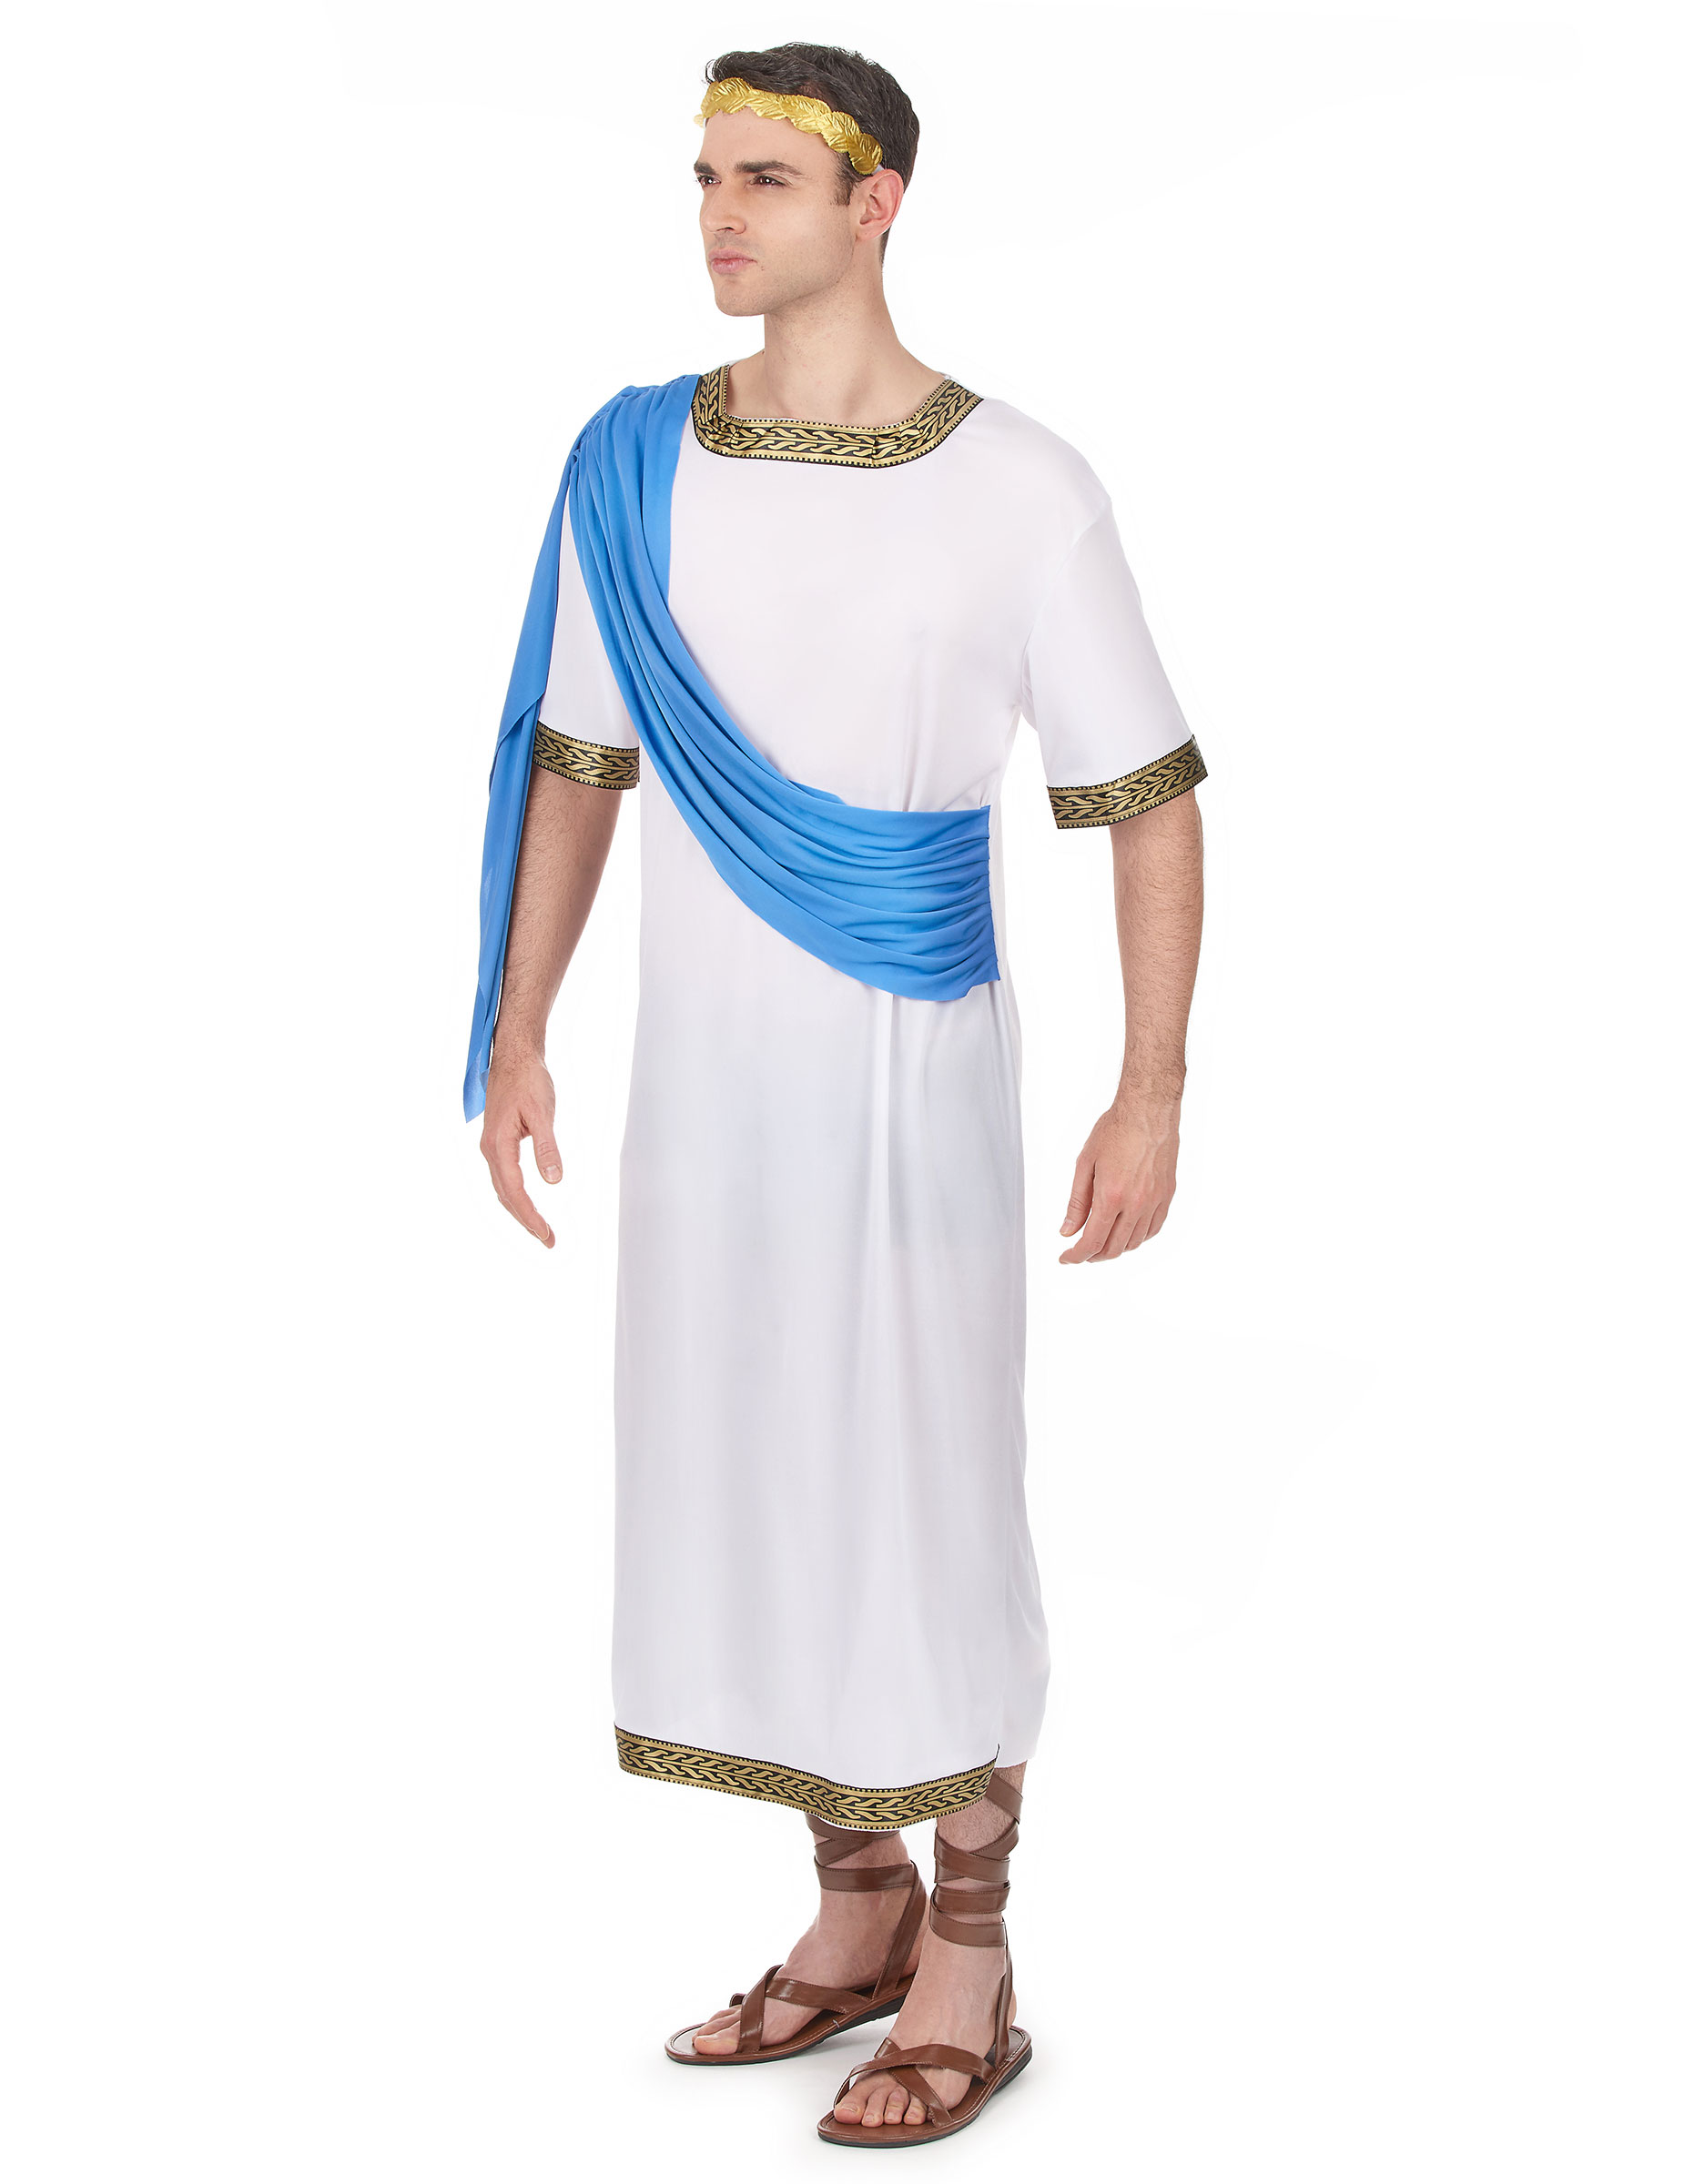 Hombres griegos